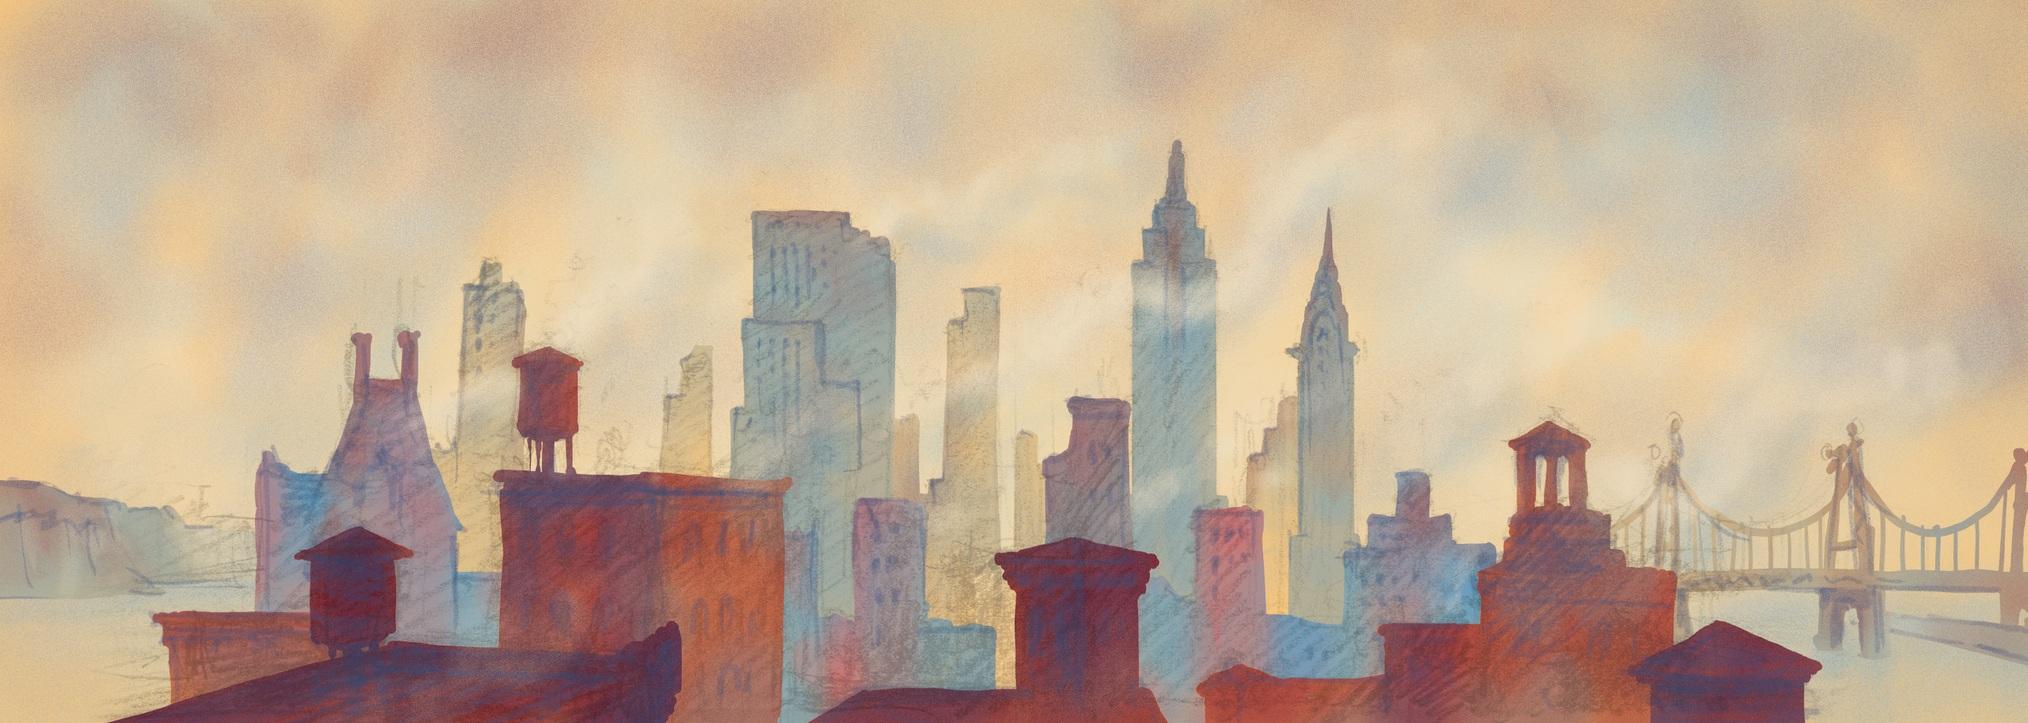 NYC - 02